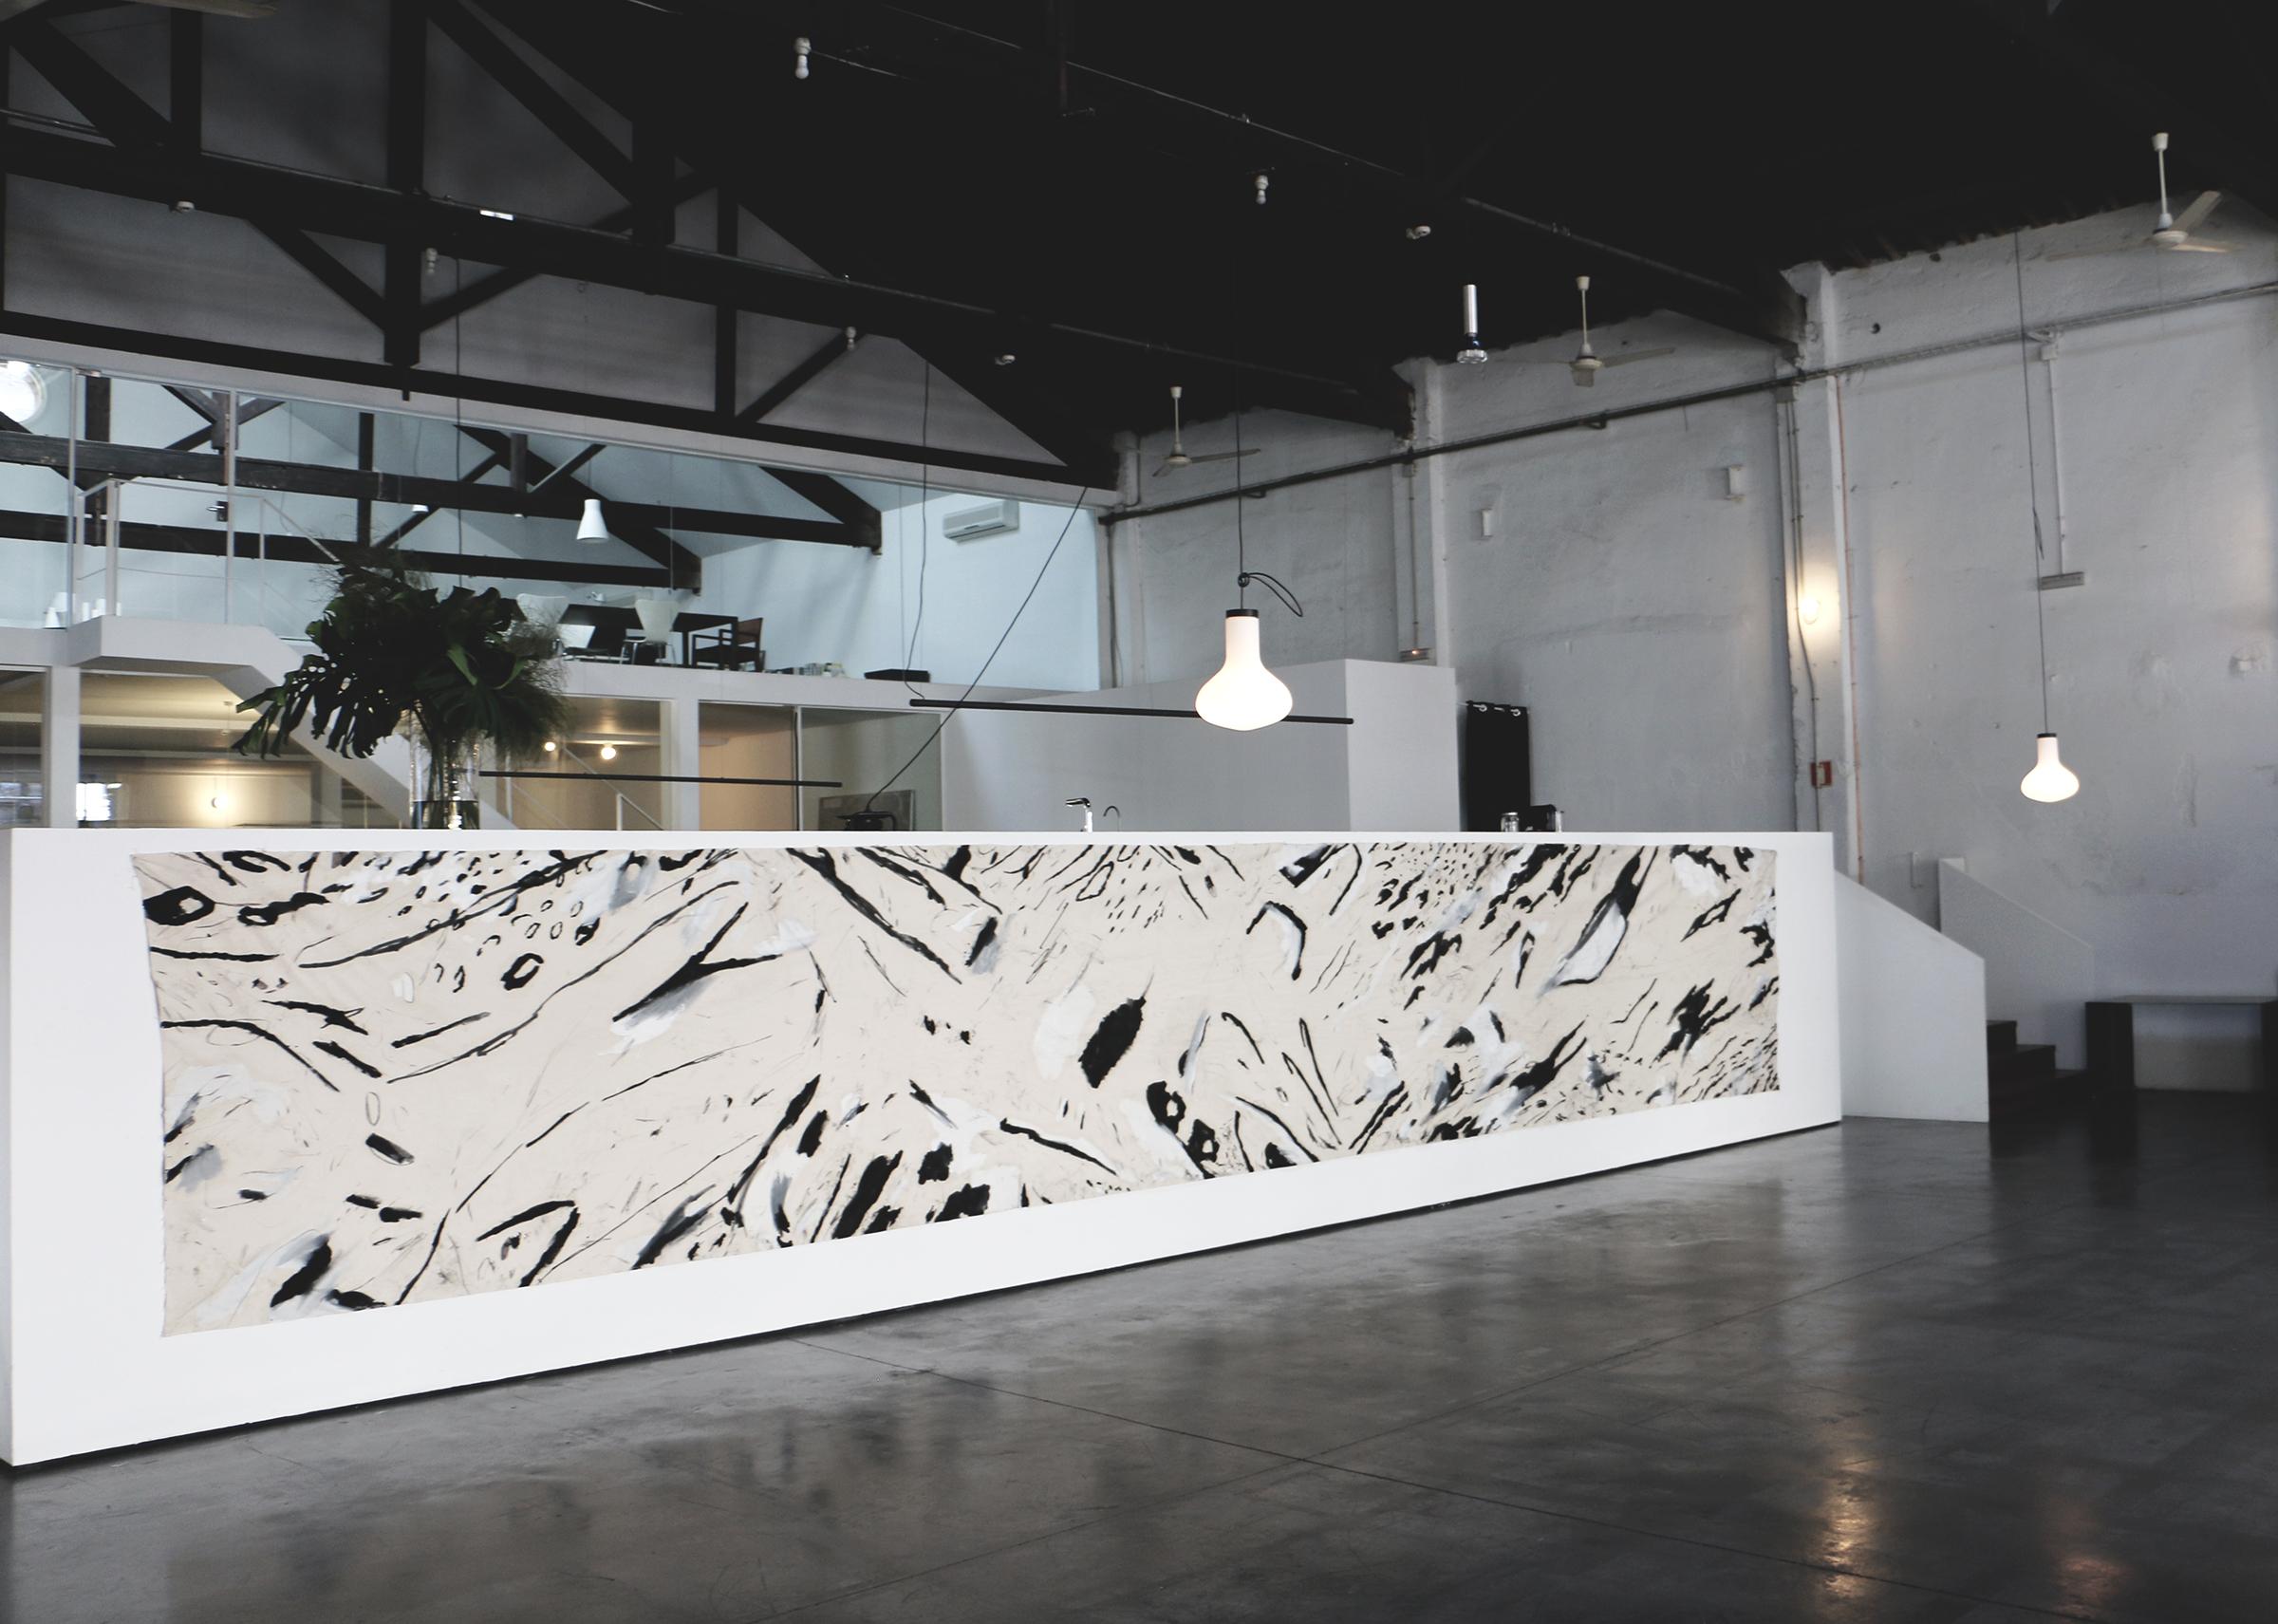 10 meter painting image 2.jpg